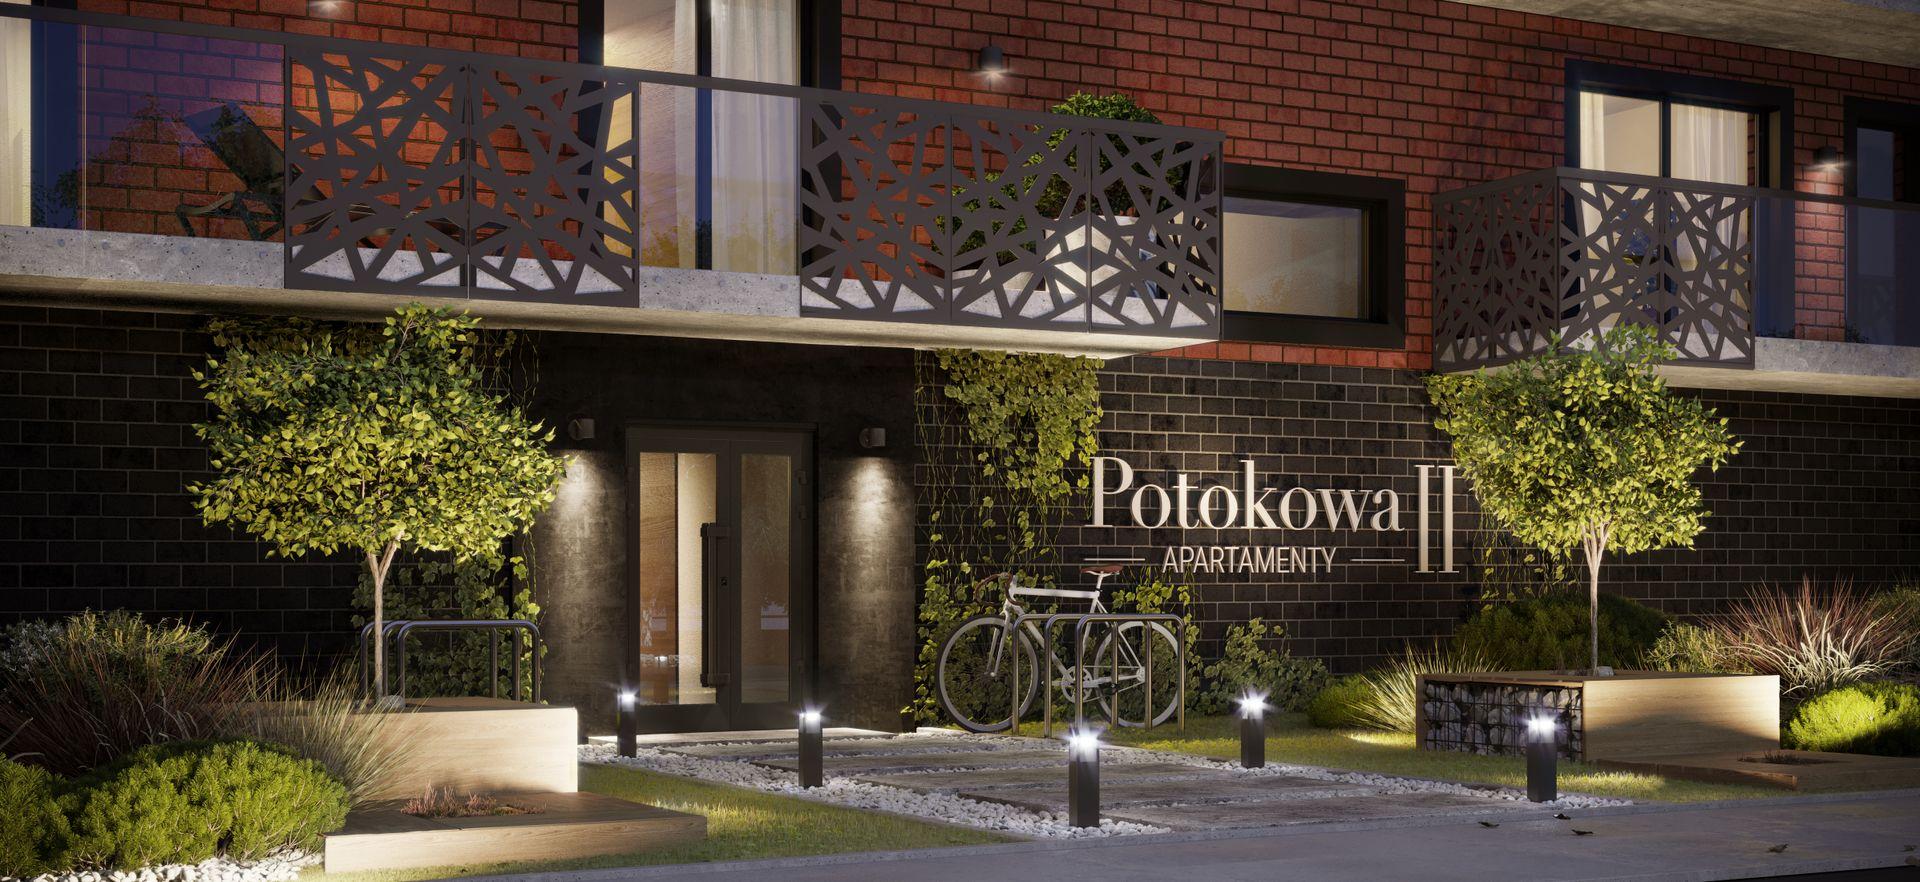 Potokowa Apartamenty II – premiera nowej inwestycji na Maślicach